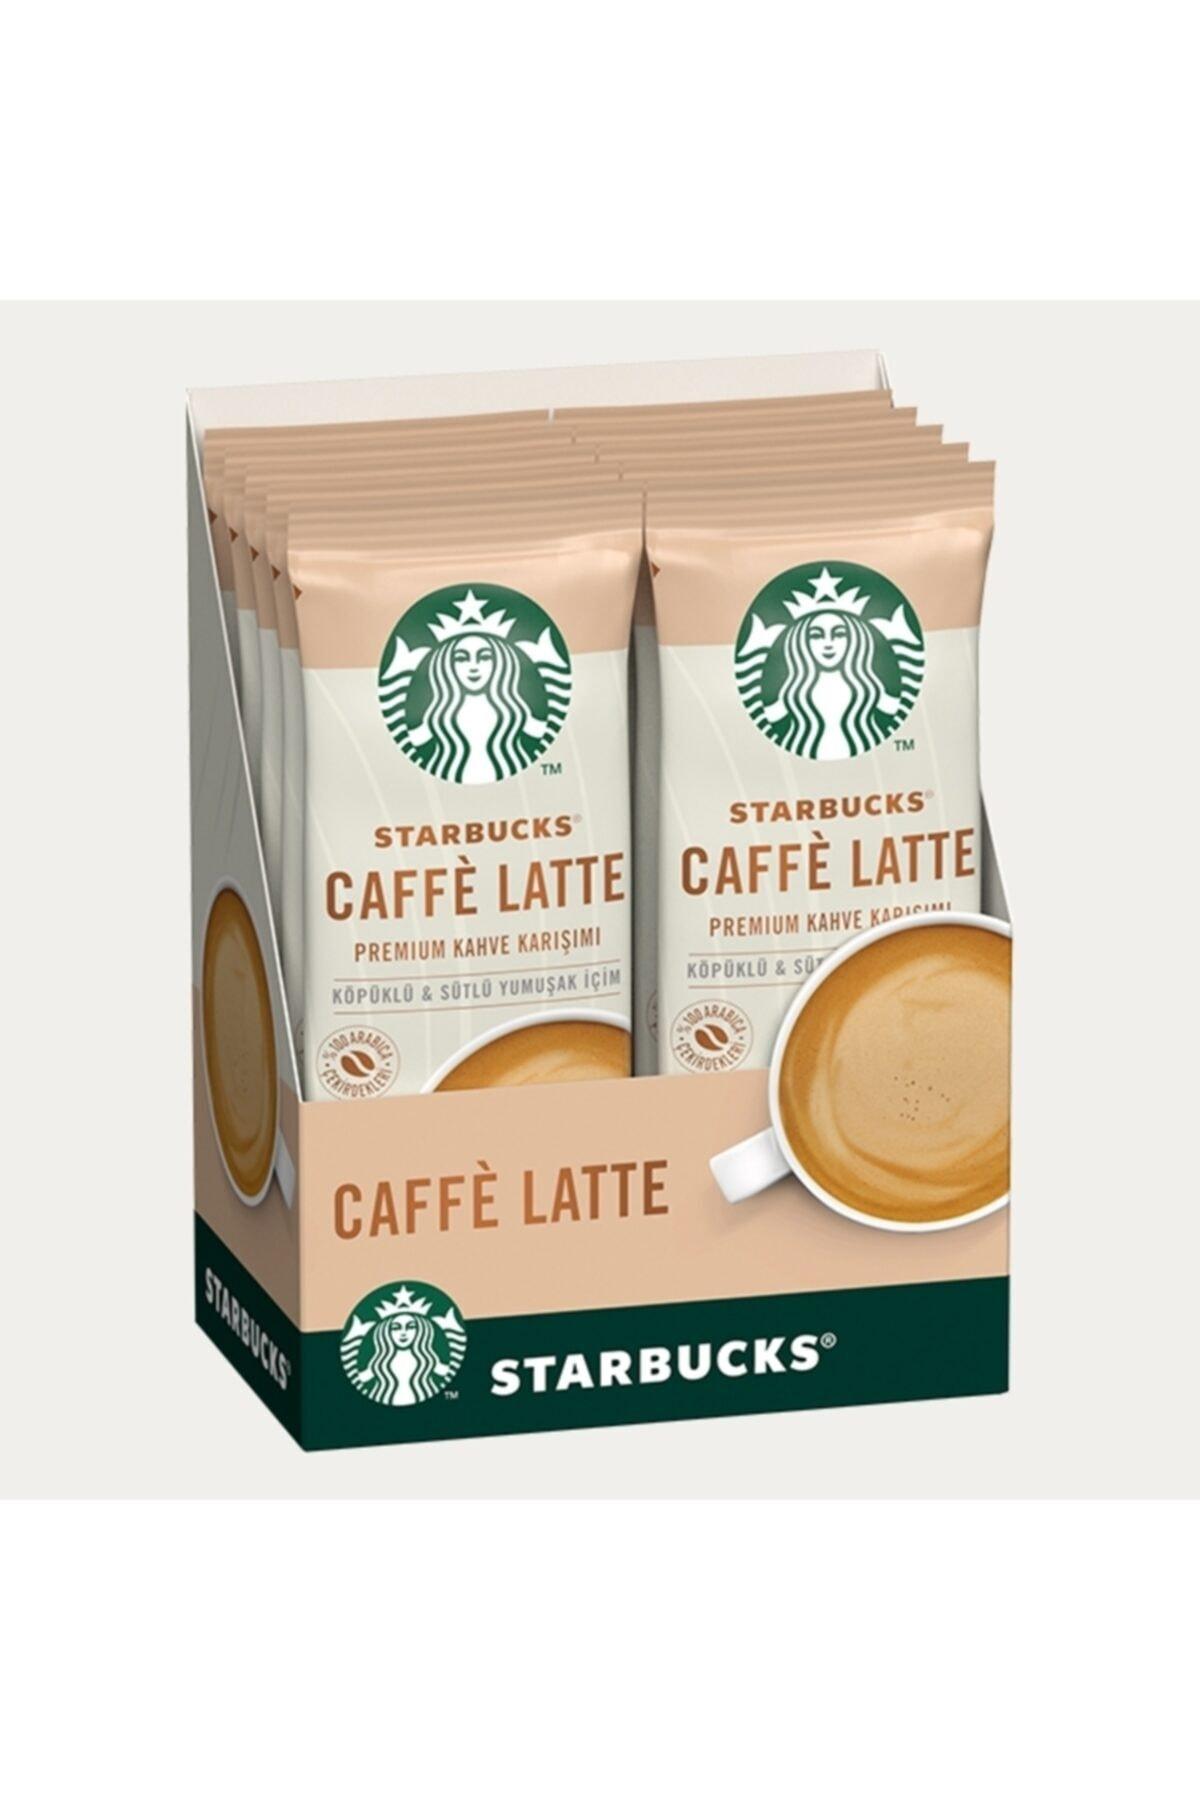 Starbucks Caffe Latte Sınırlı Üretim Premium Kahve Karışımı Seti  10 Adet